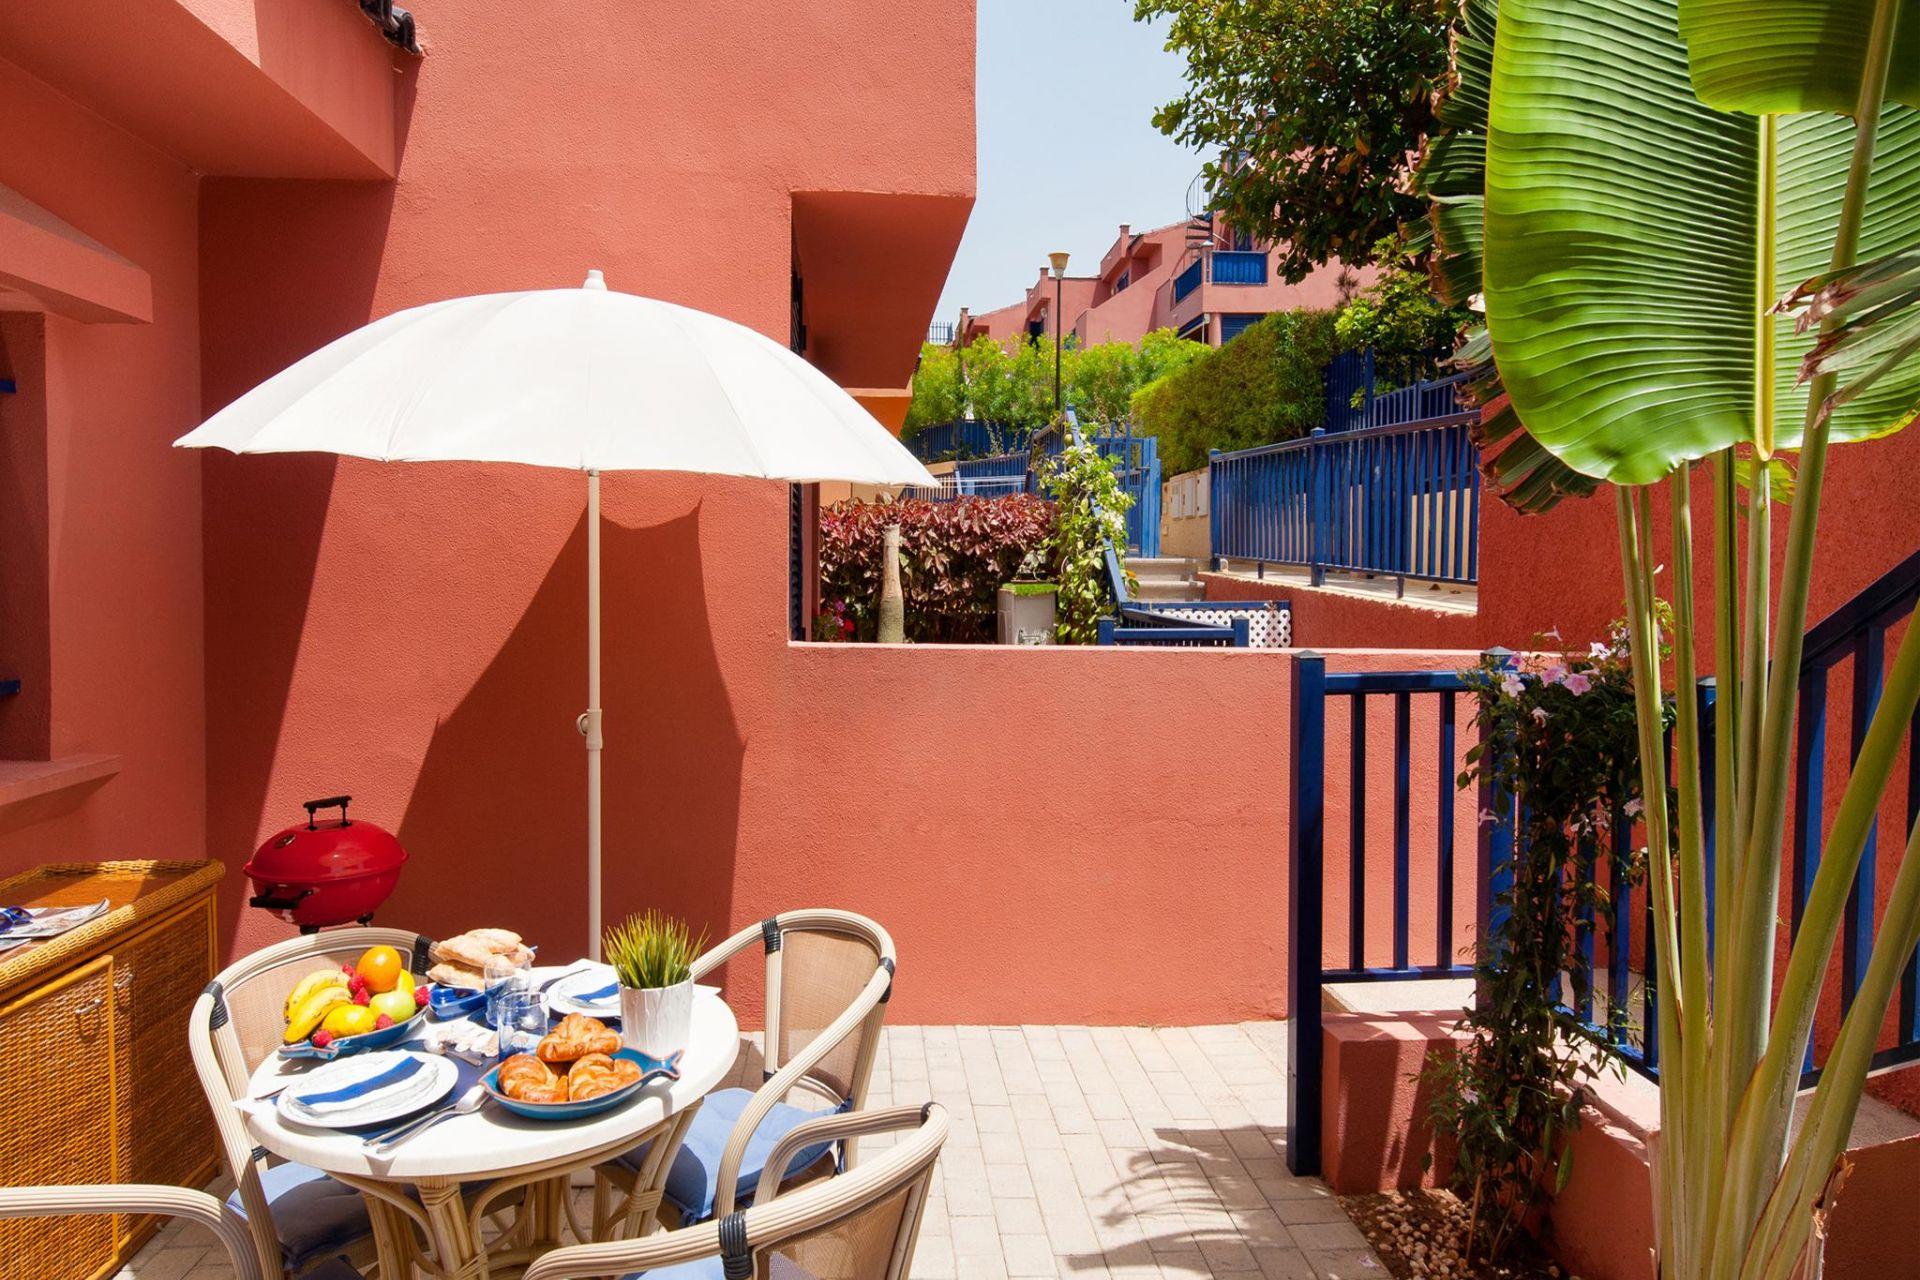 Holiday Home In Meloneras Gran Canaria Villagrancanaria Com